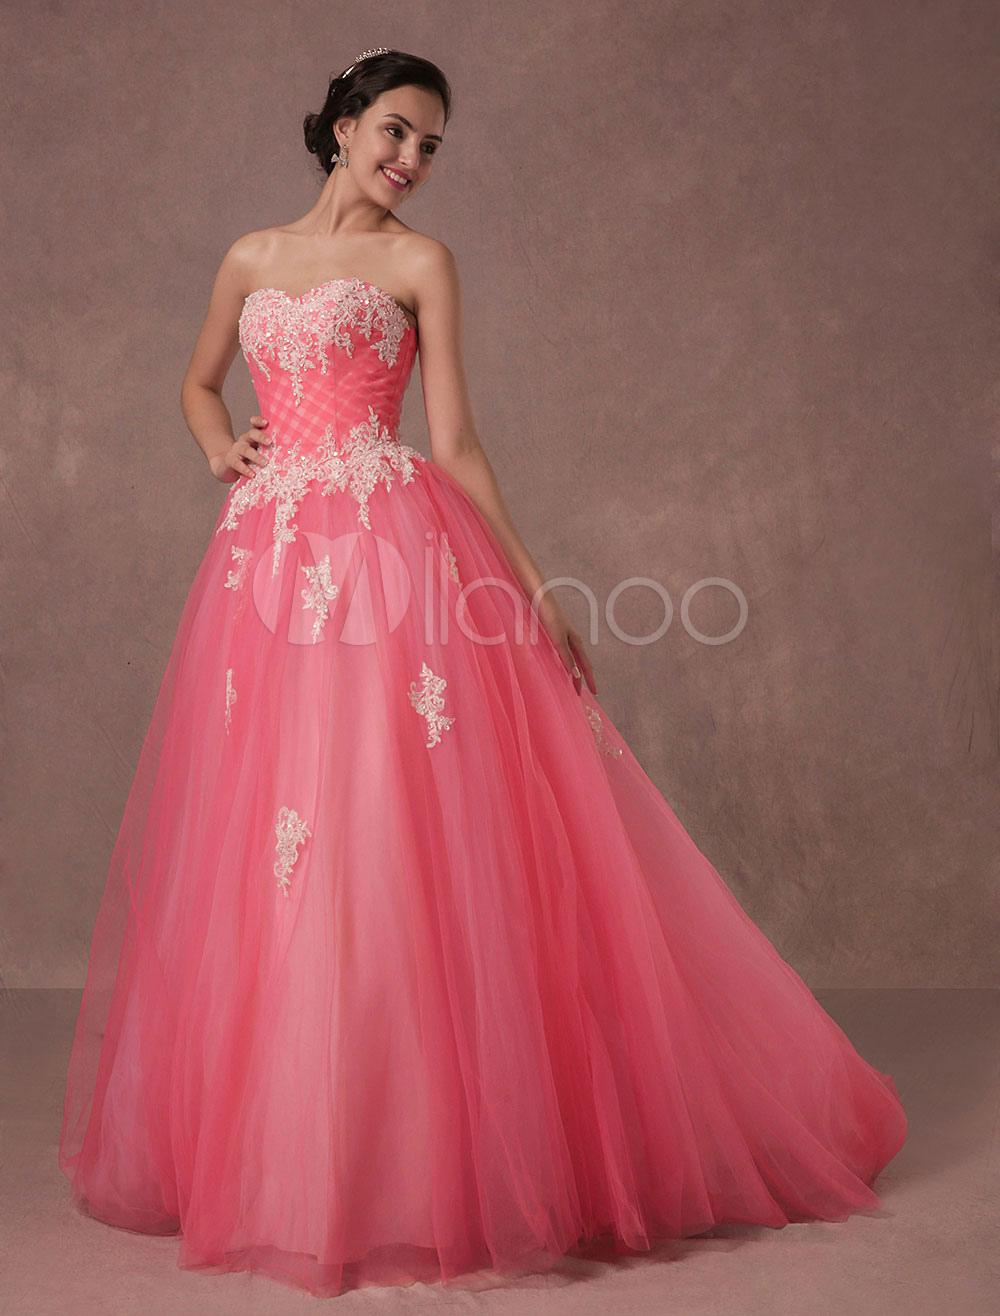 Bonito Wedding Dress Over 40 Imágenes - Colección del Vestido de la ...